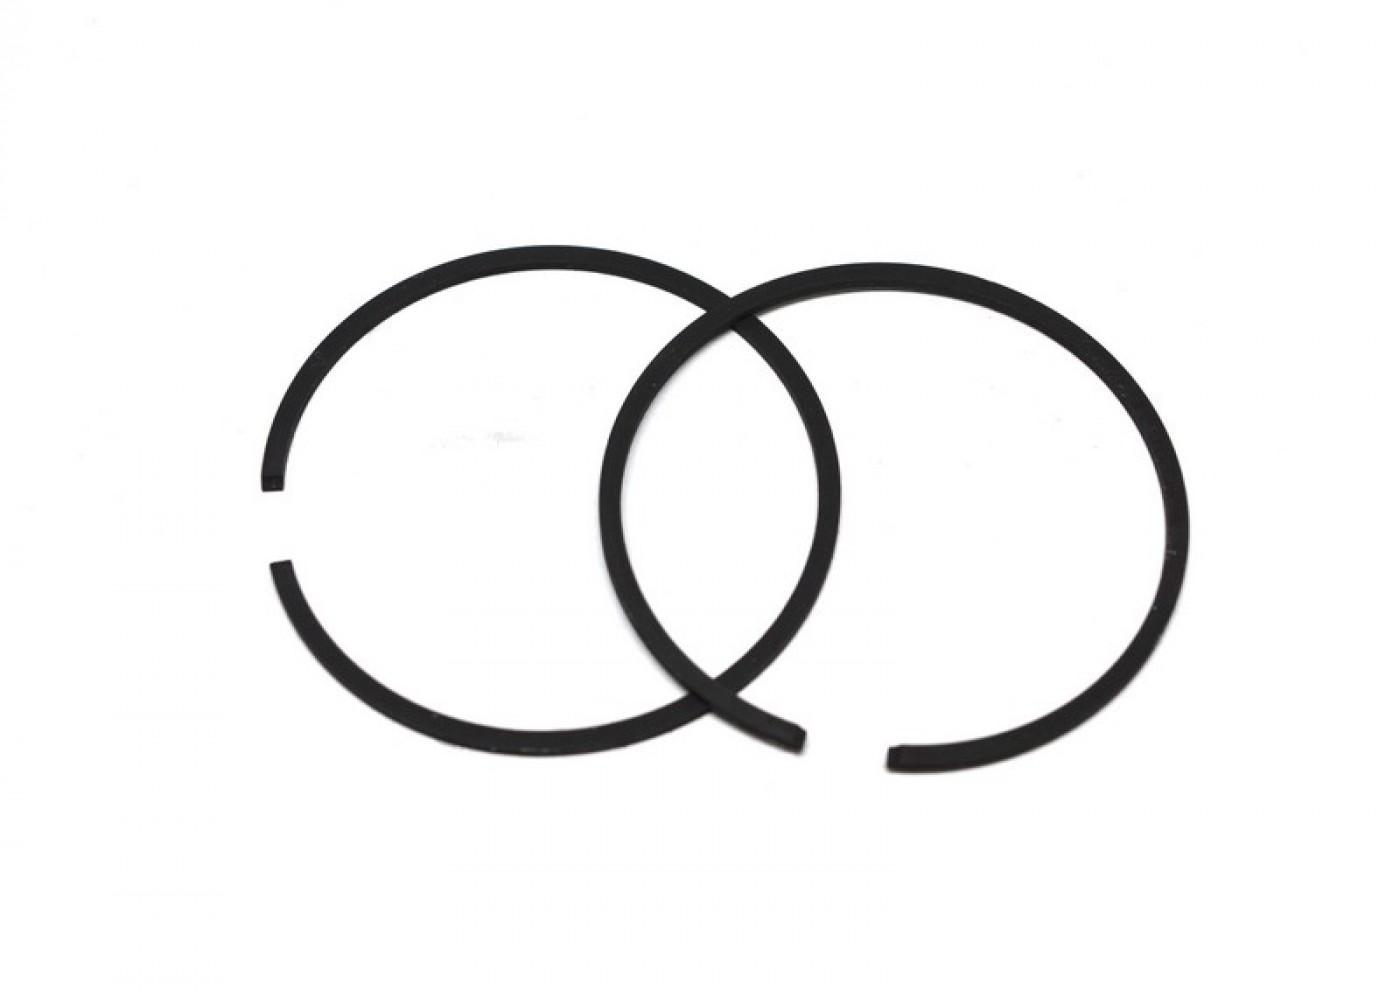 Sada pístních kroužků 52 mm 1,2 mm